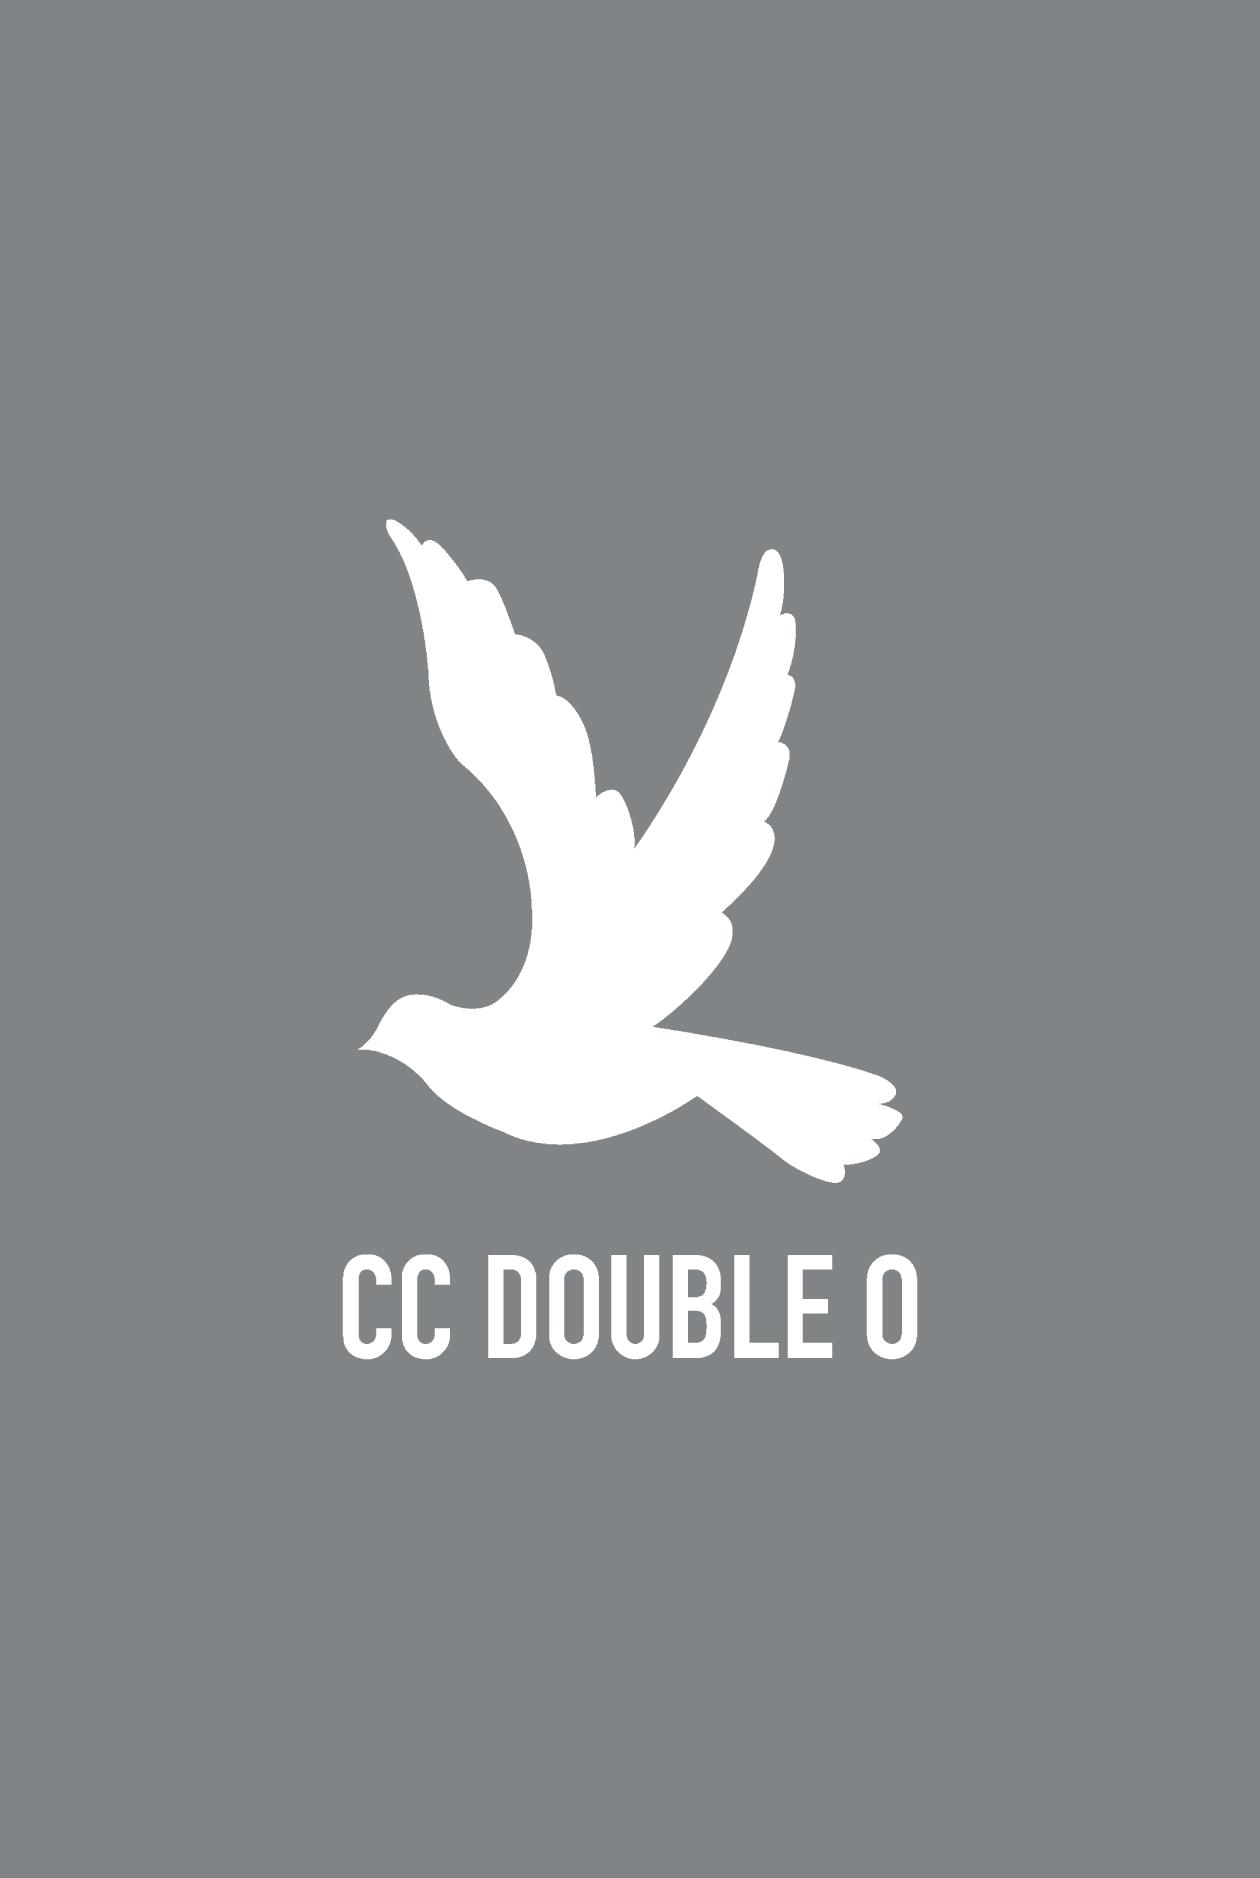 กางเกงวอร์มผูกเชือกแต่งโลโก้ CC DOUBLE O